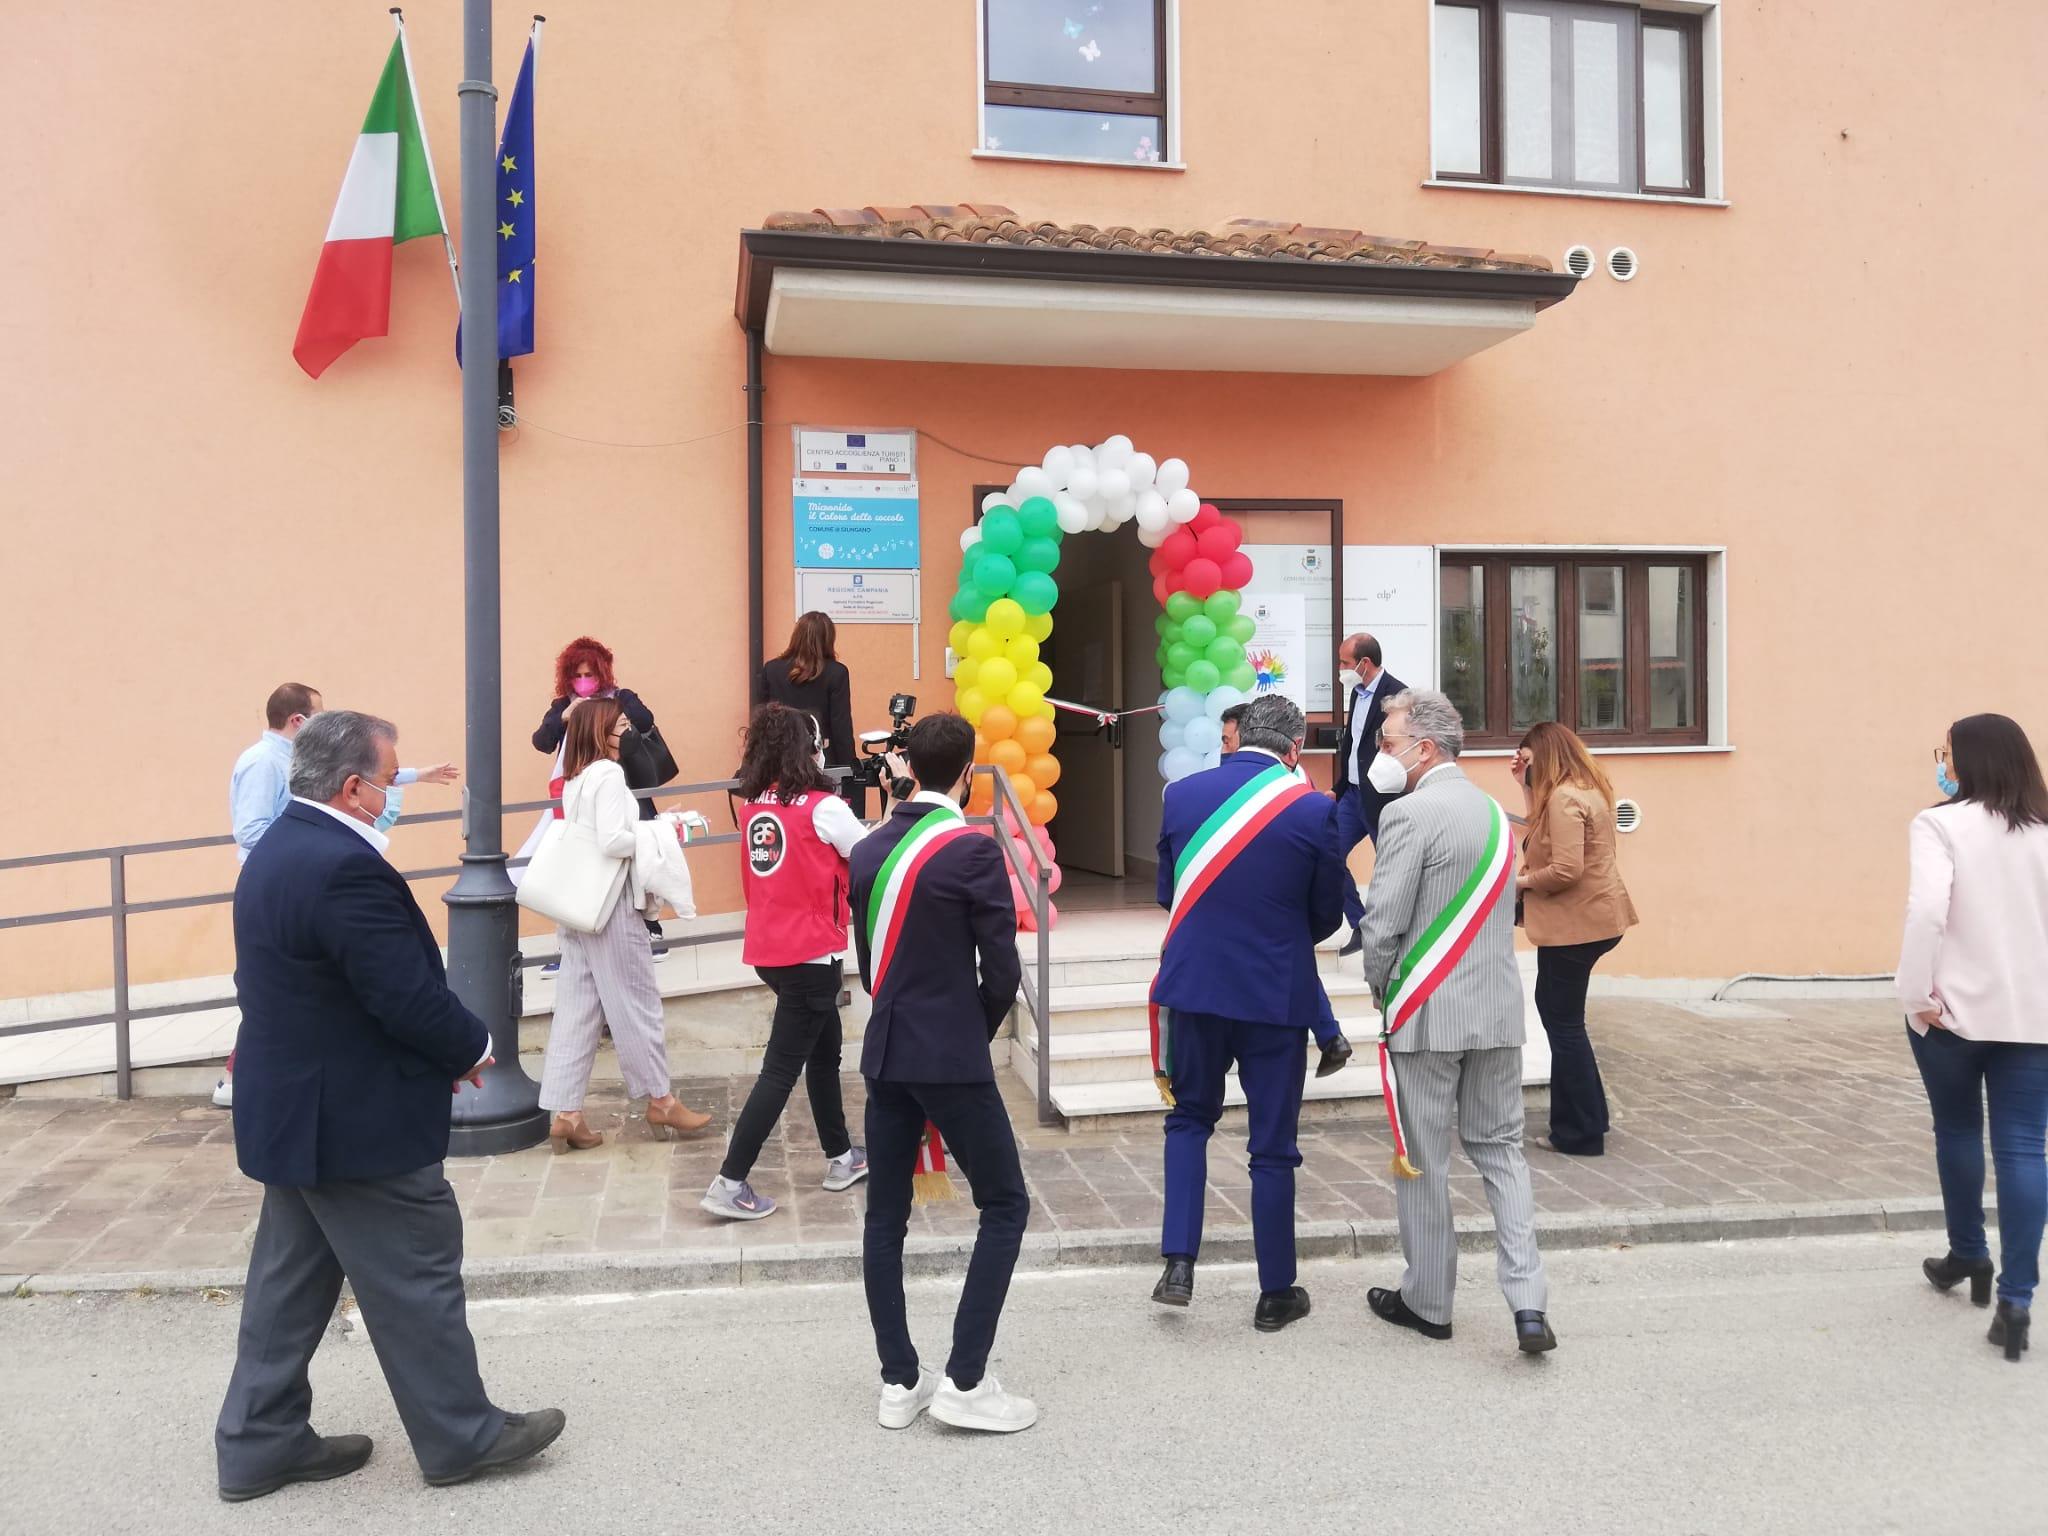 Inaugurato l'asilo nido di Giungano, con Orlotti anche Alfieri e Iuliano